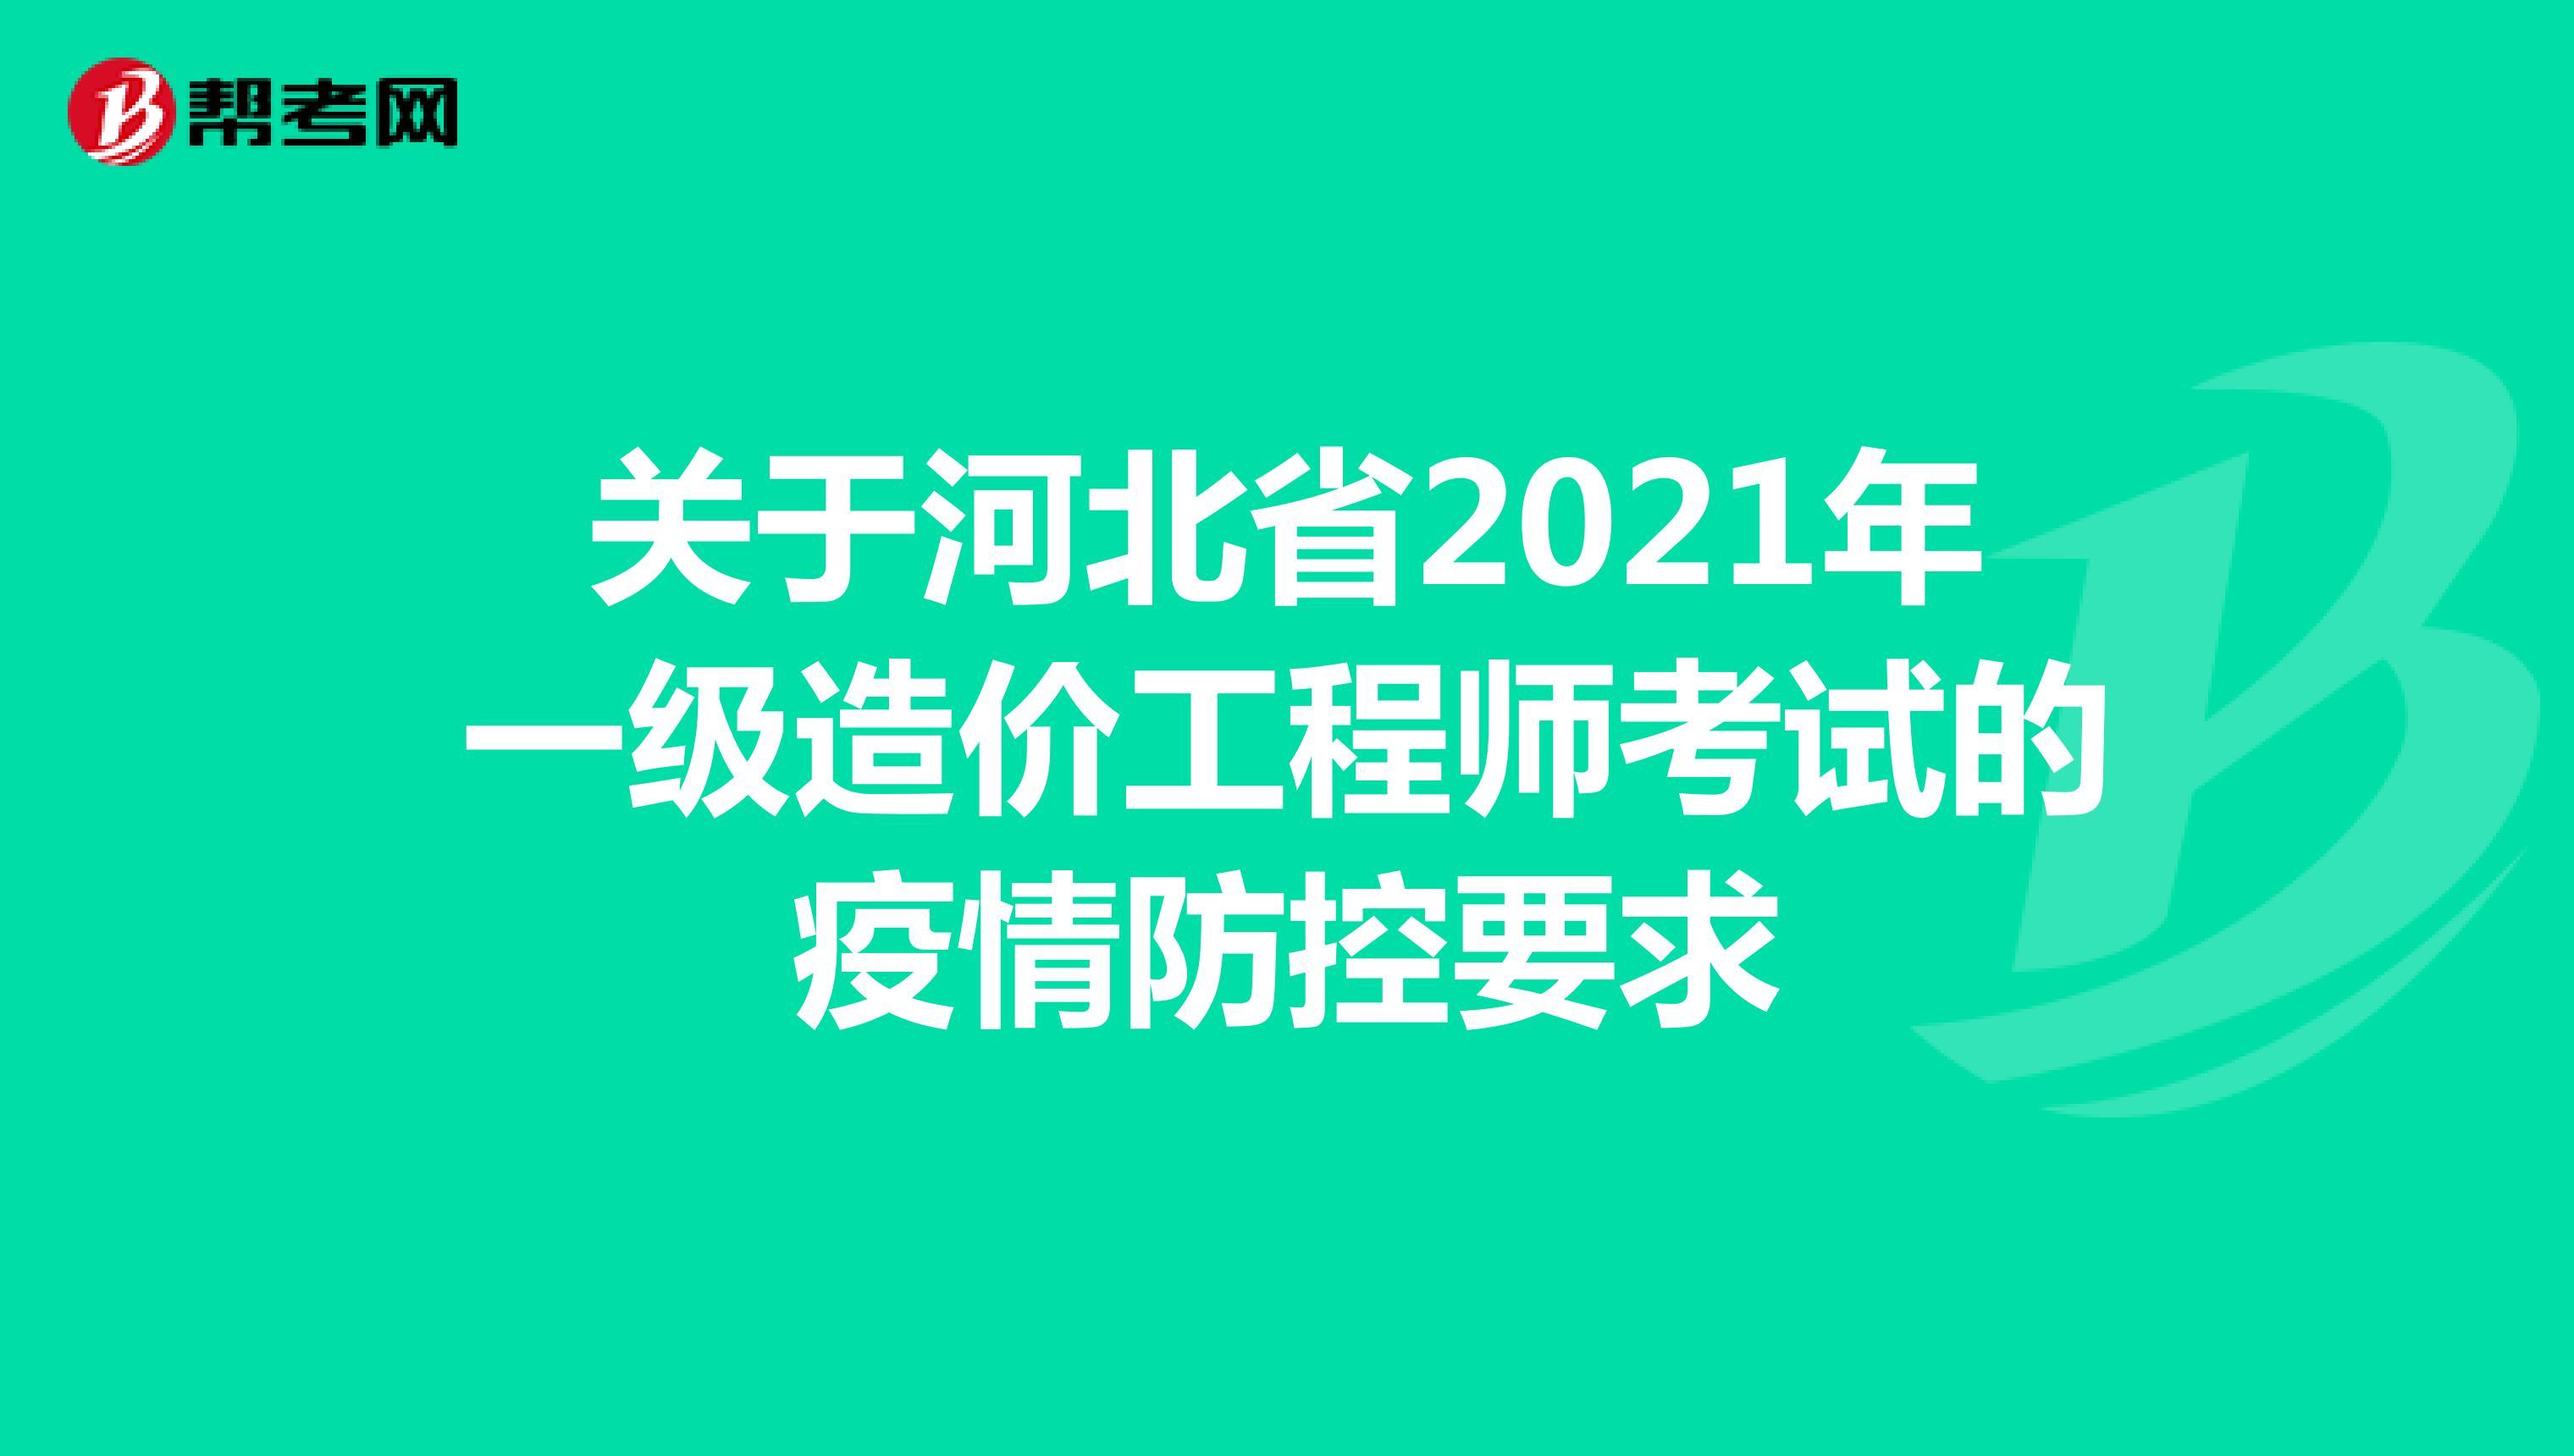 关于河北省2021年一级造价工程师考试的疫情防控要求